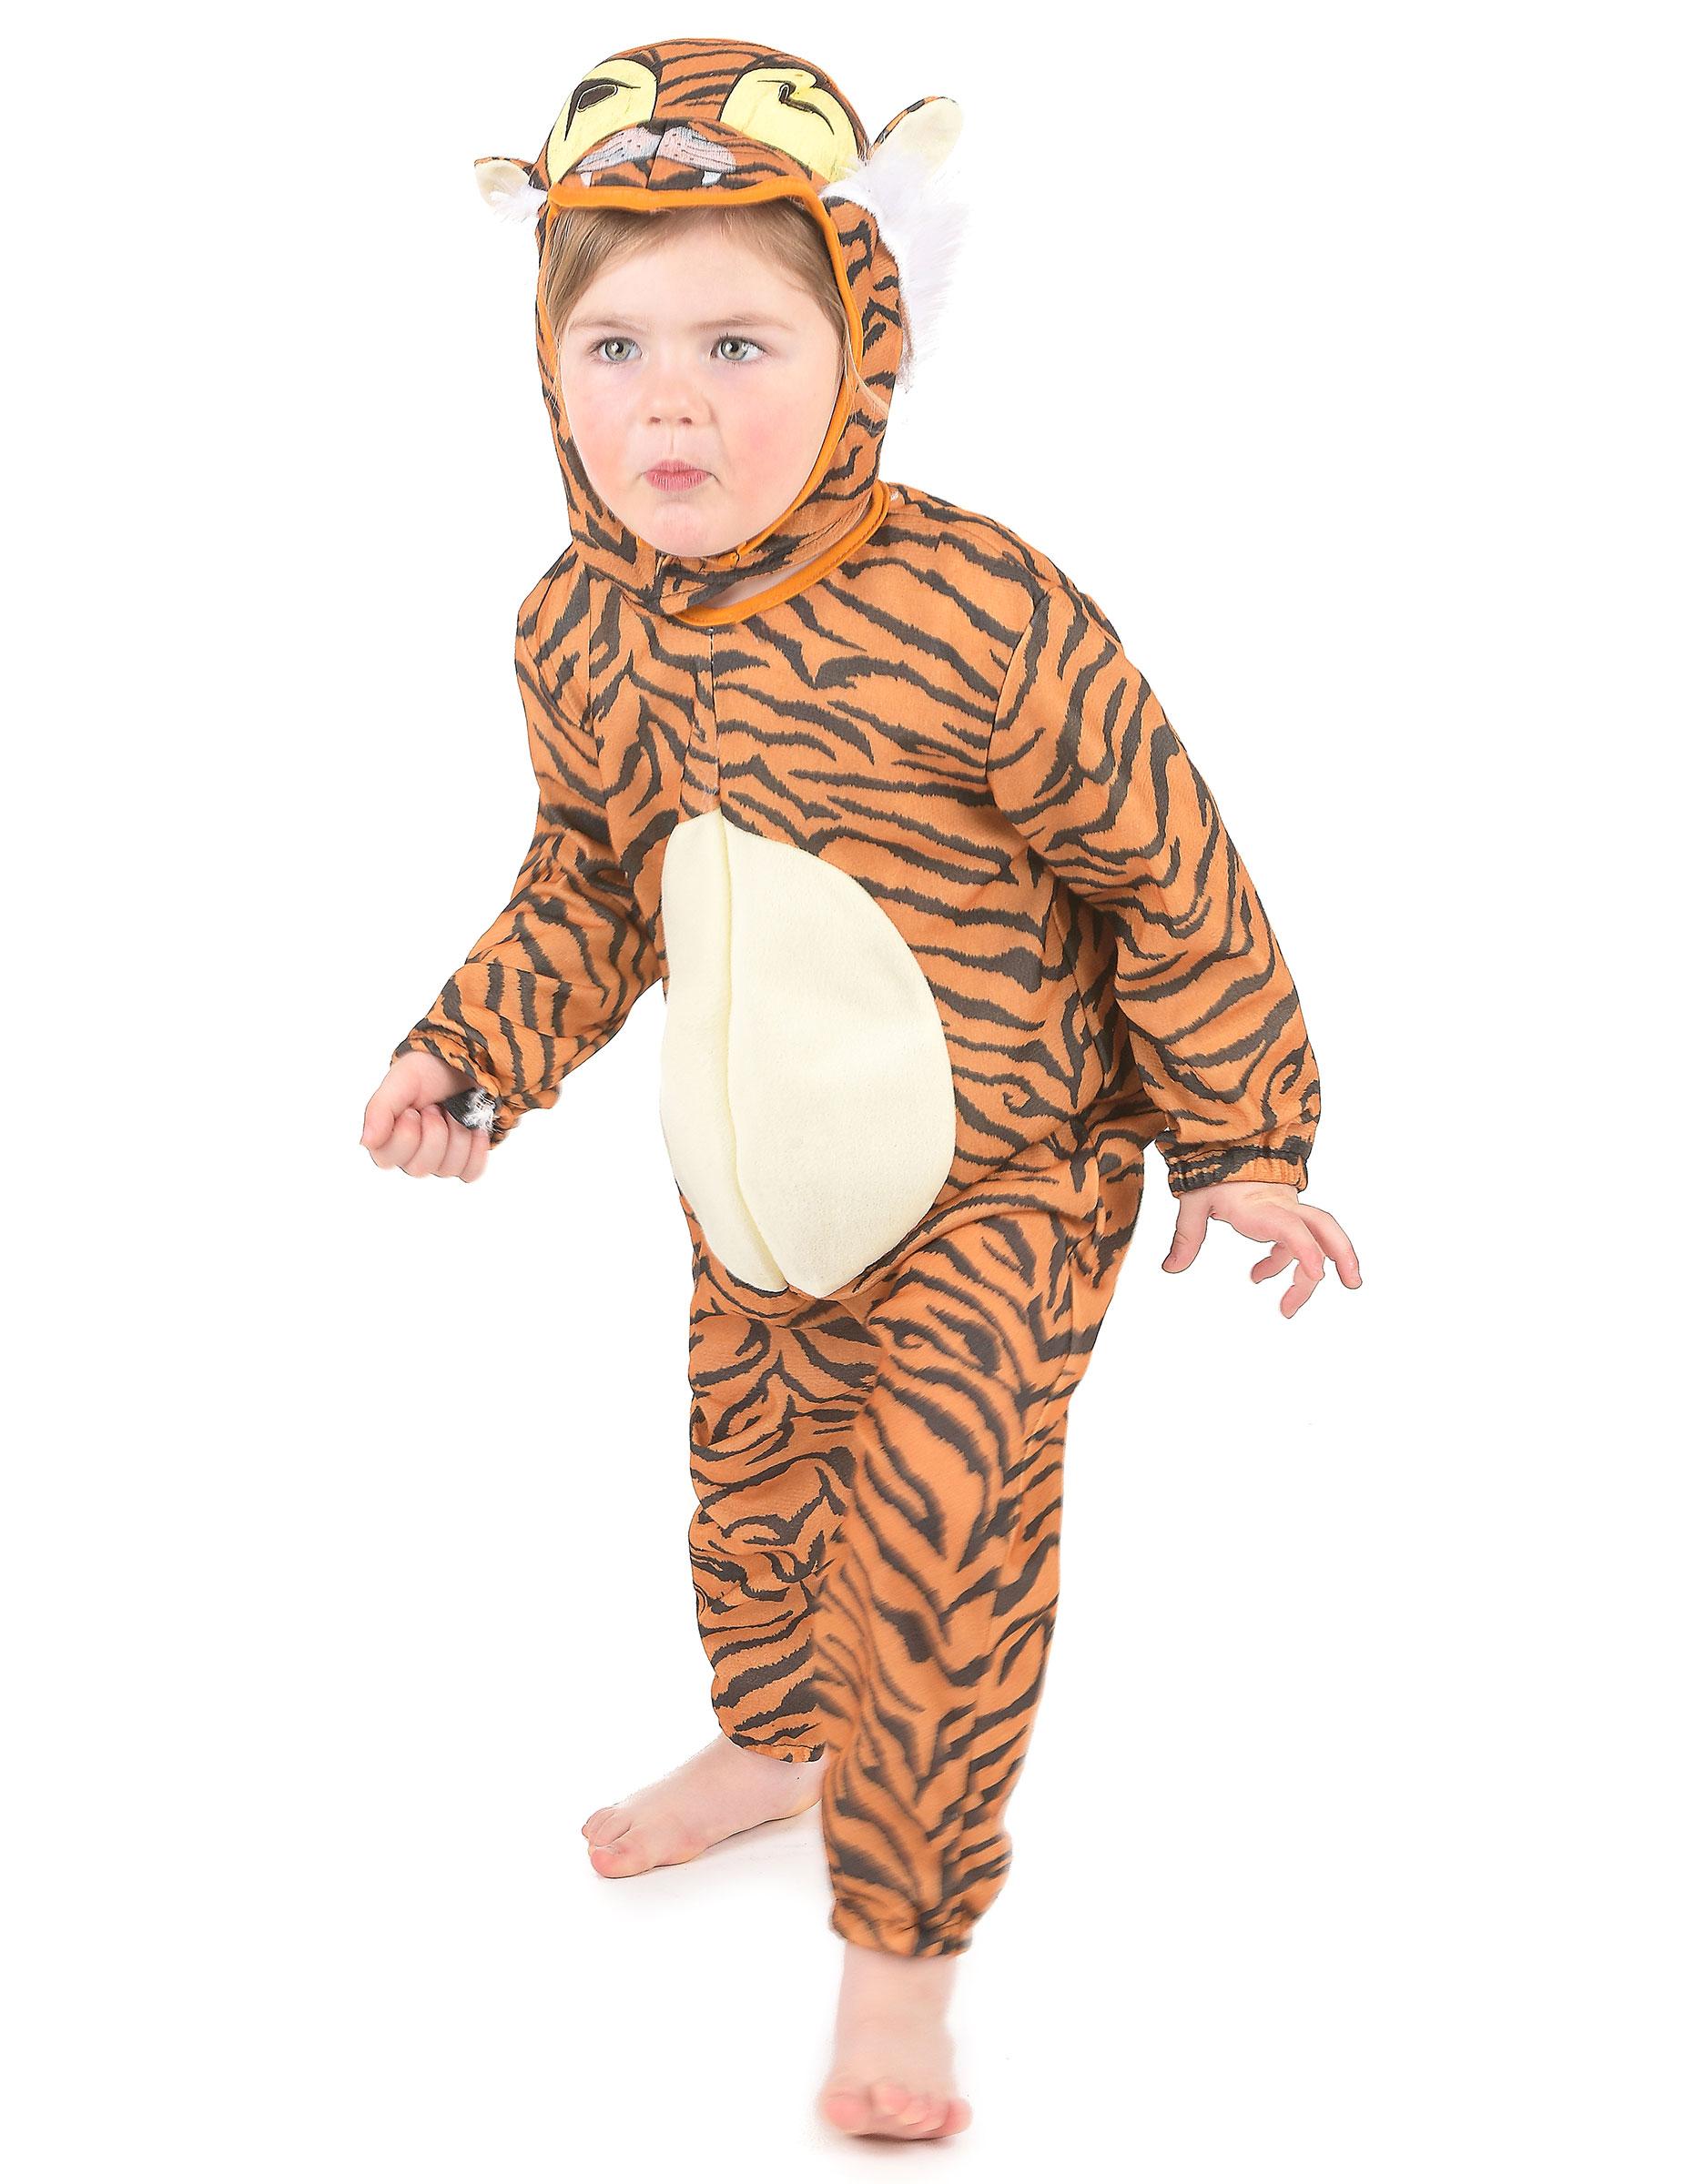 Carnevale Di Online Tigre Bambini e Costume Costumi Bambino Vestiti T067a0vOf